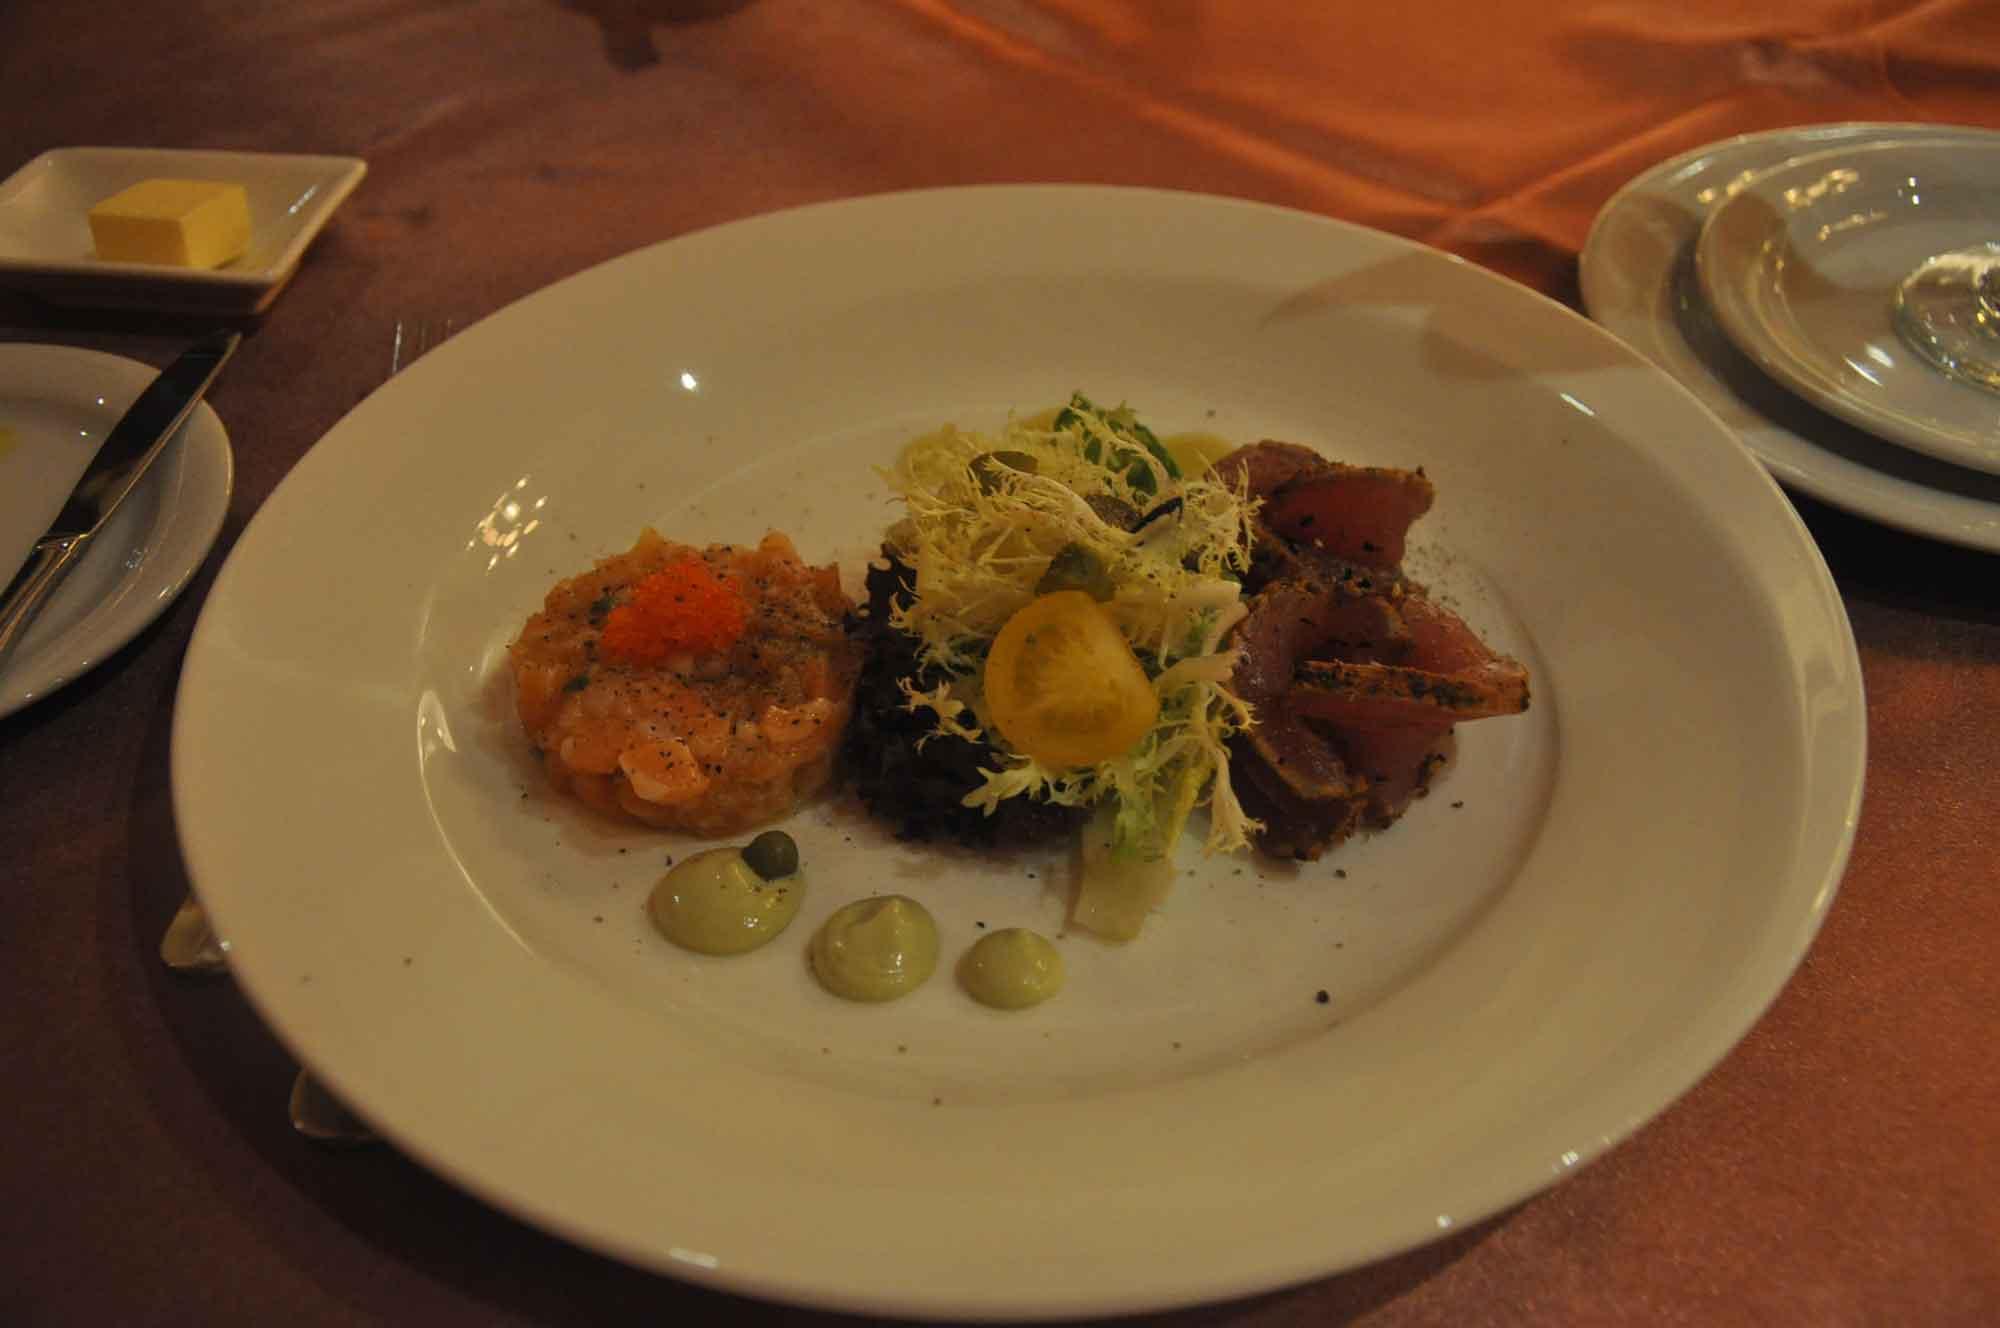 Copa Steakhouse seared tuna salad